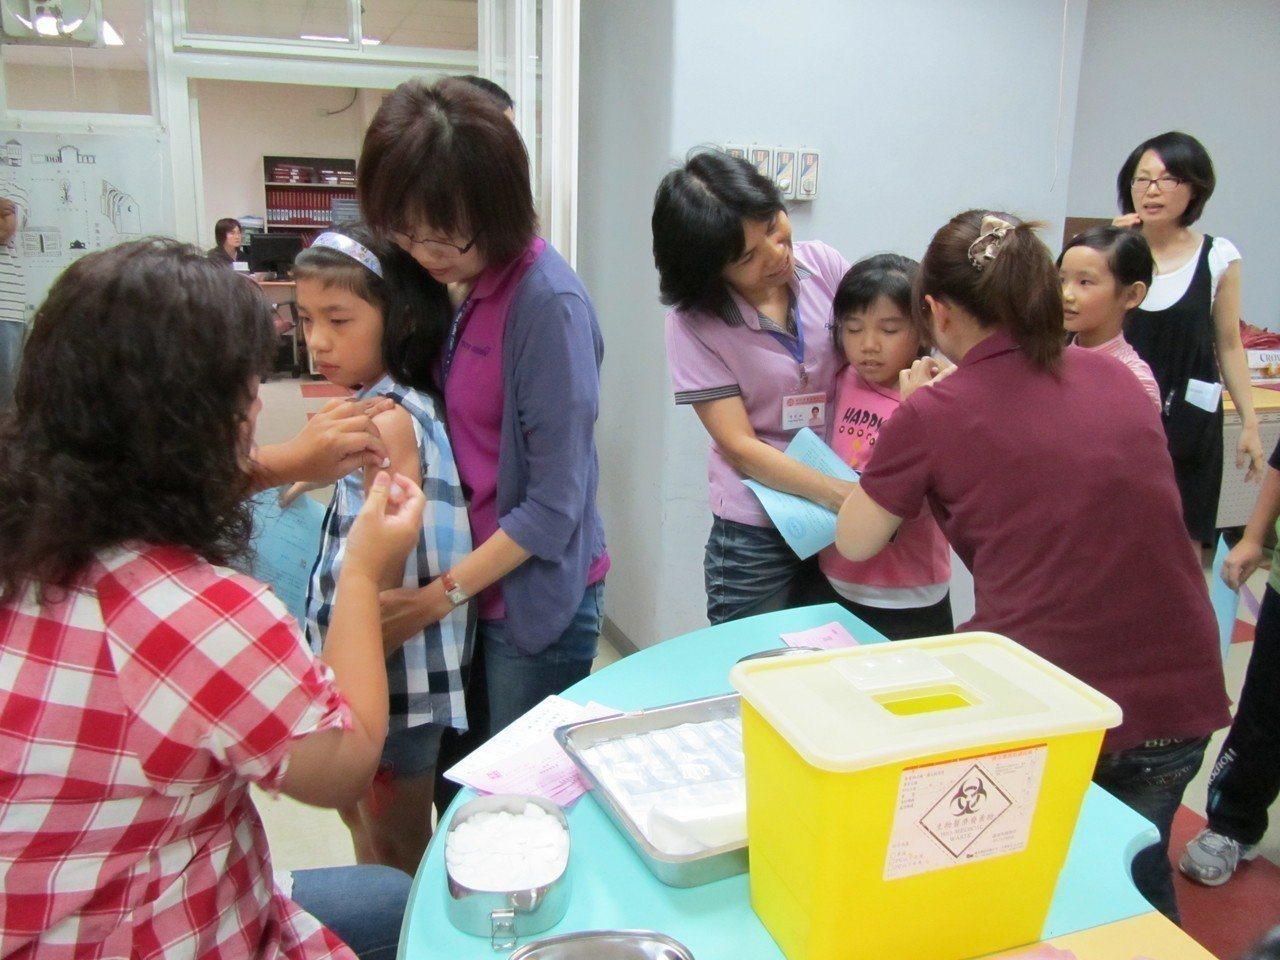 一劑公費巴斯德流感疫苗被發現顏色異常,衛生單位緊急要求醫療院所暫緩施打同批號19...